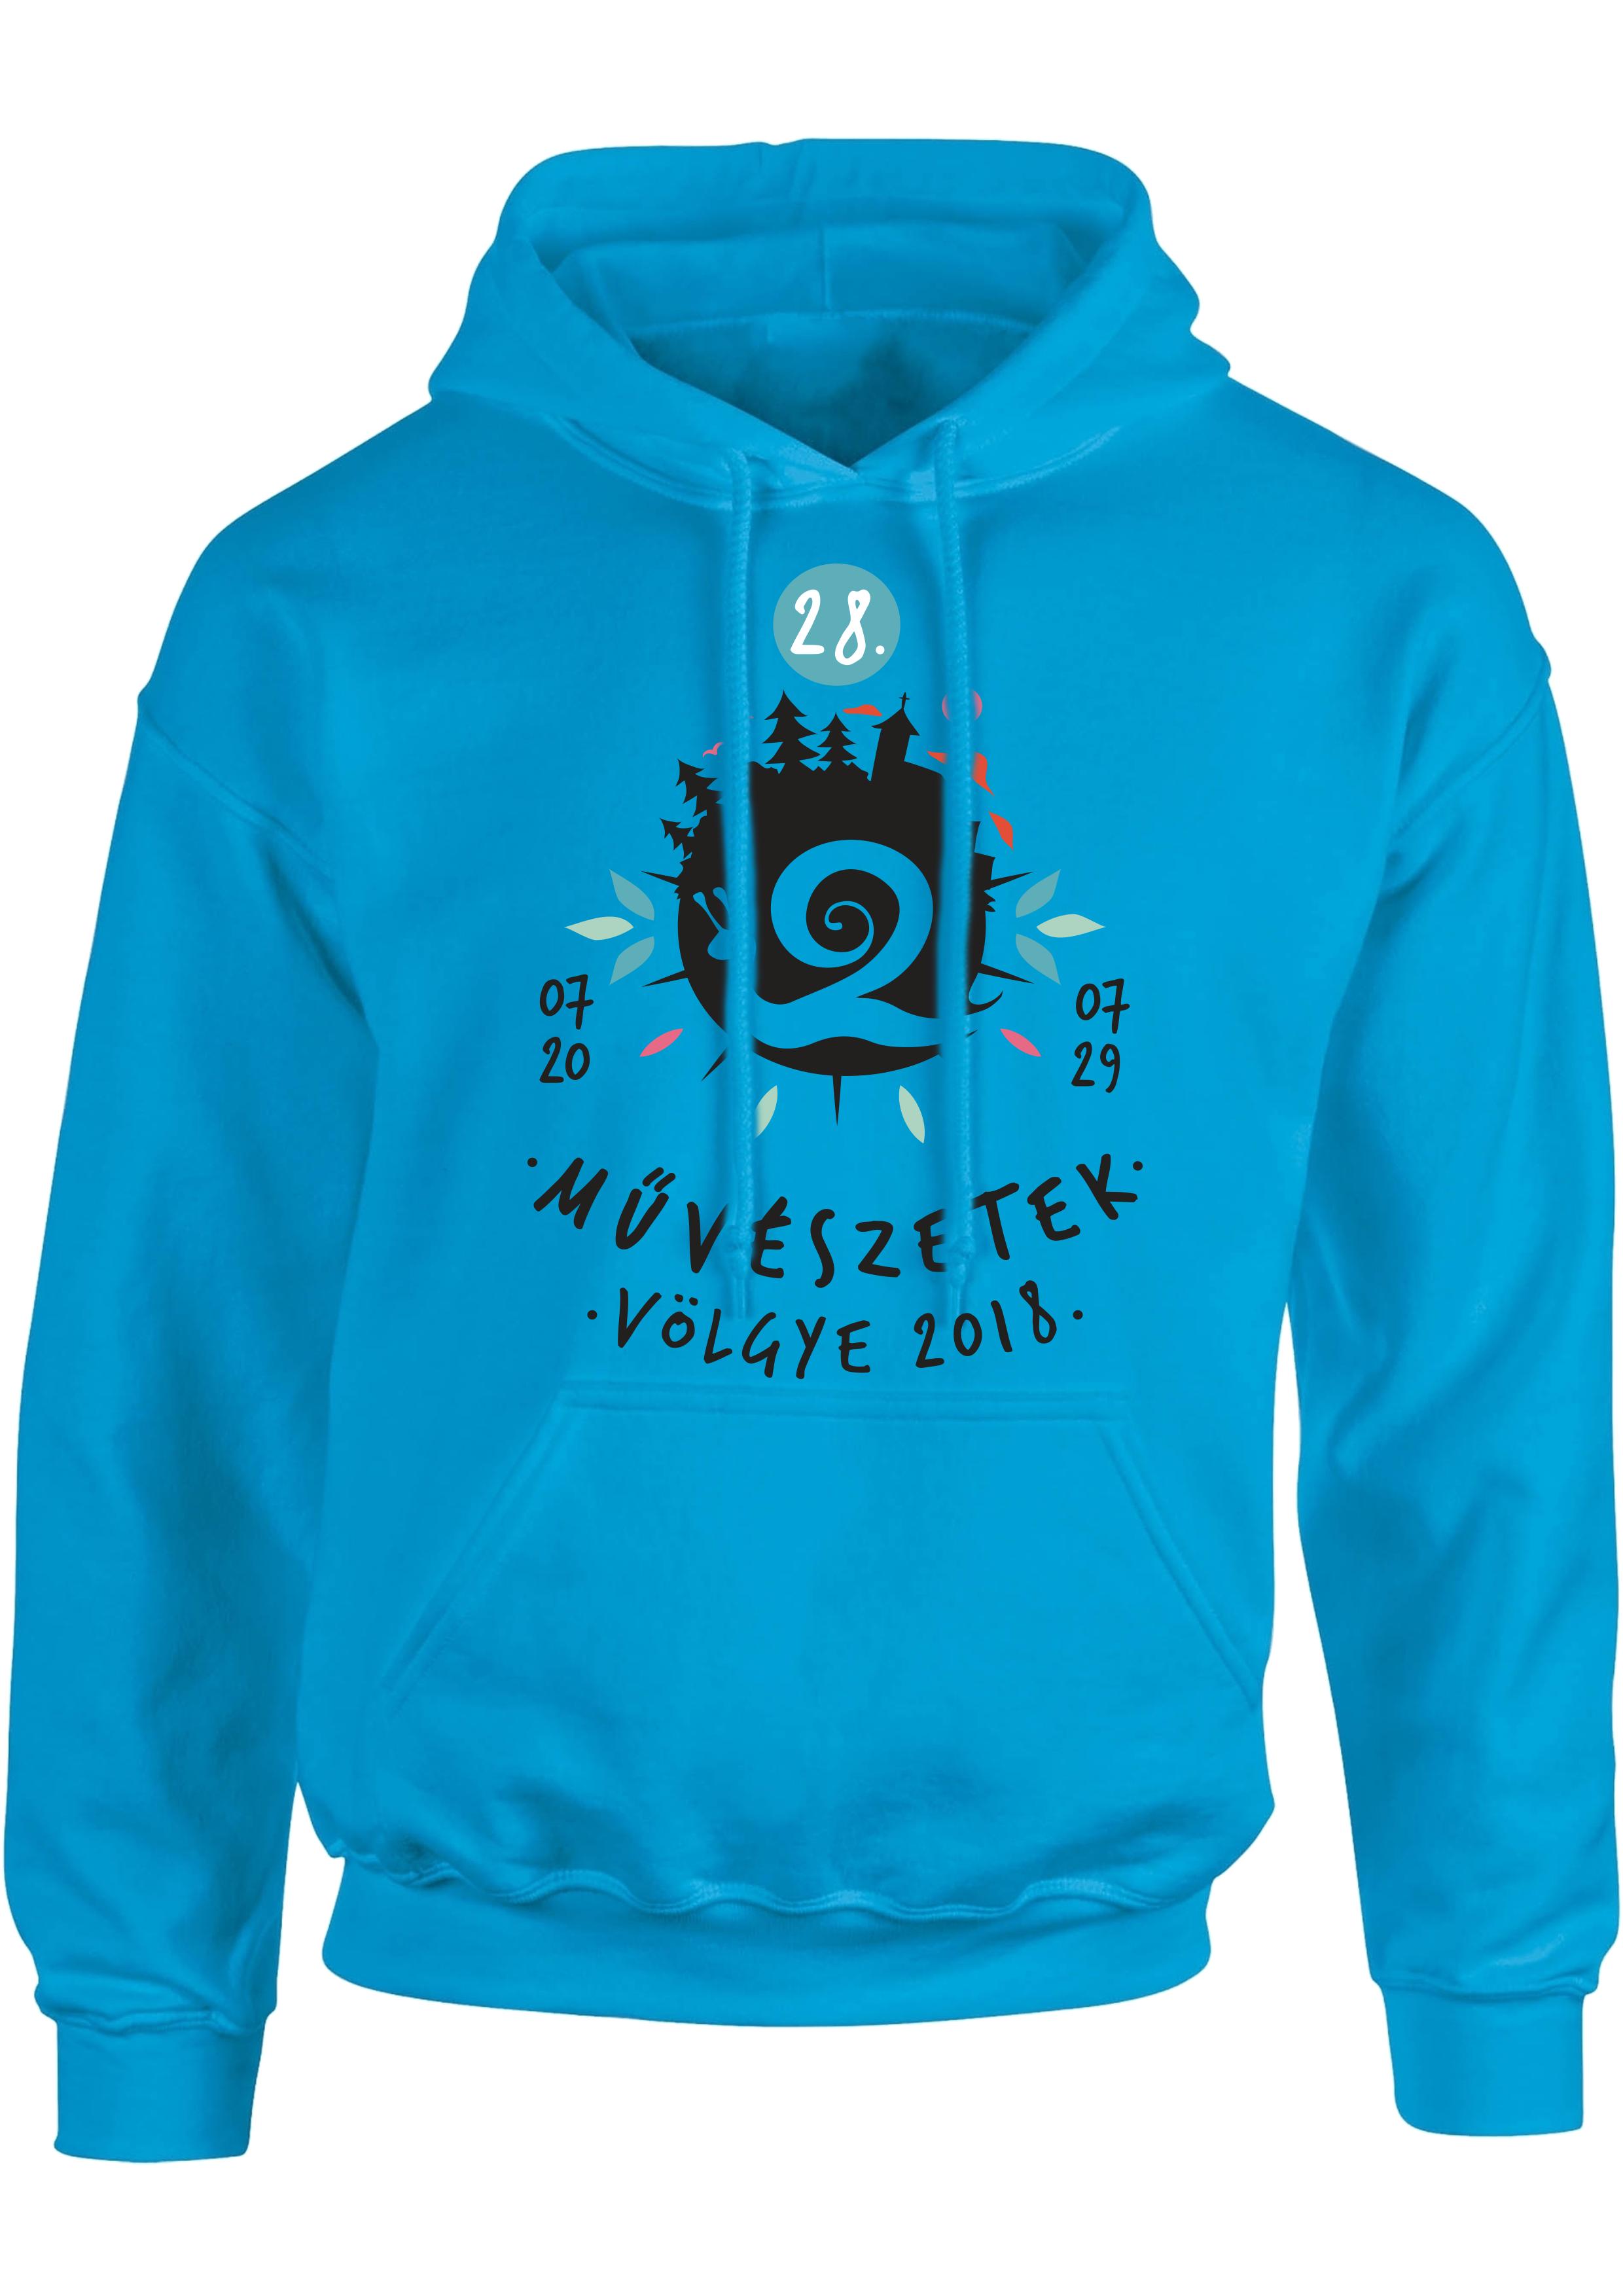 349928e293 Kék pulcsi (2018-as) – Művészetekvölgye webshop